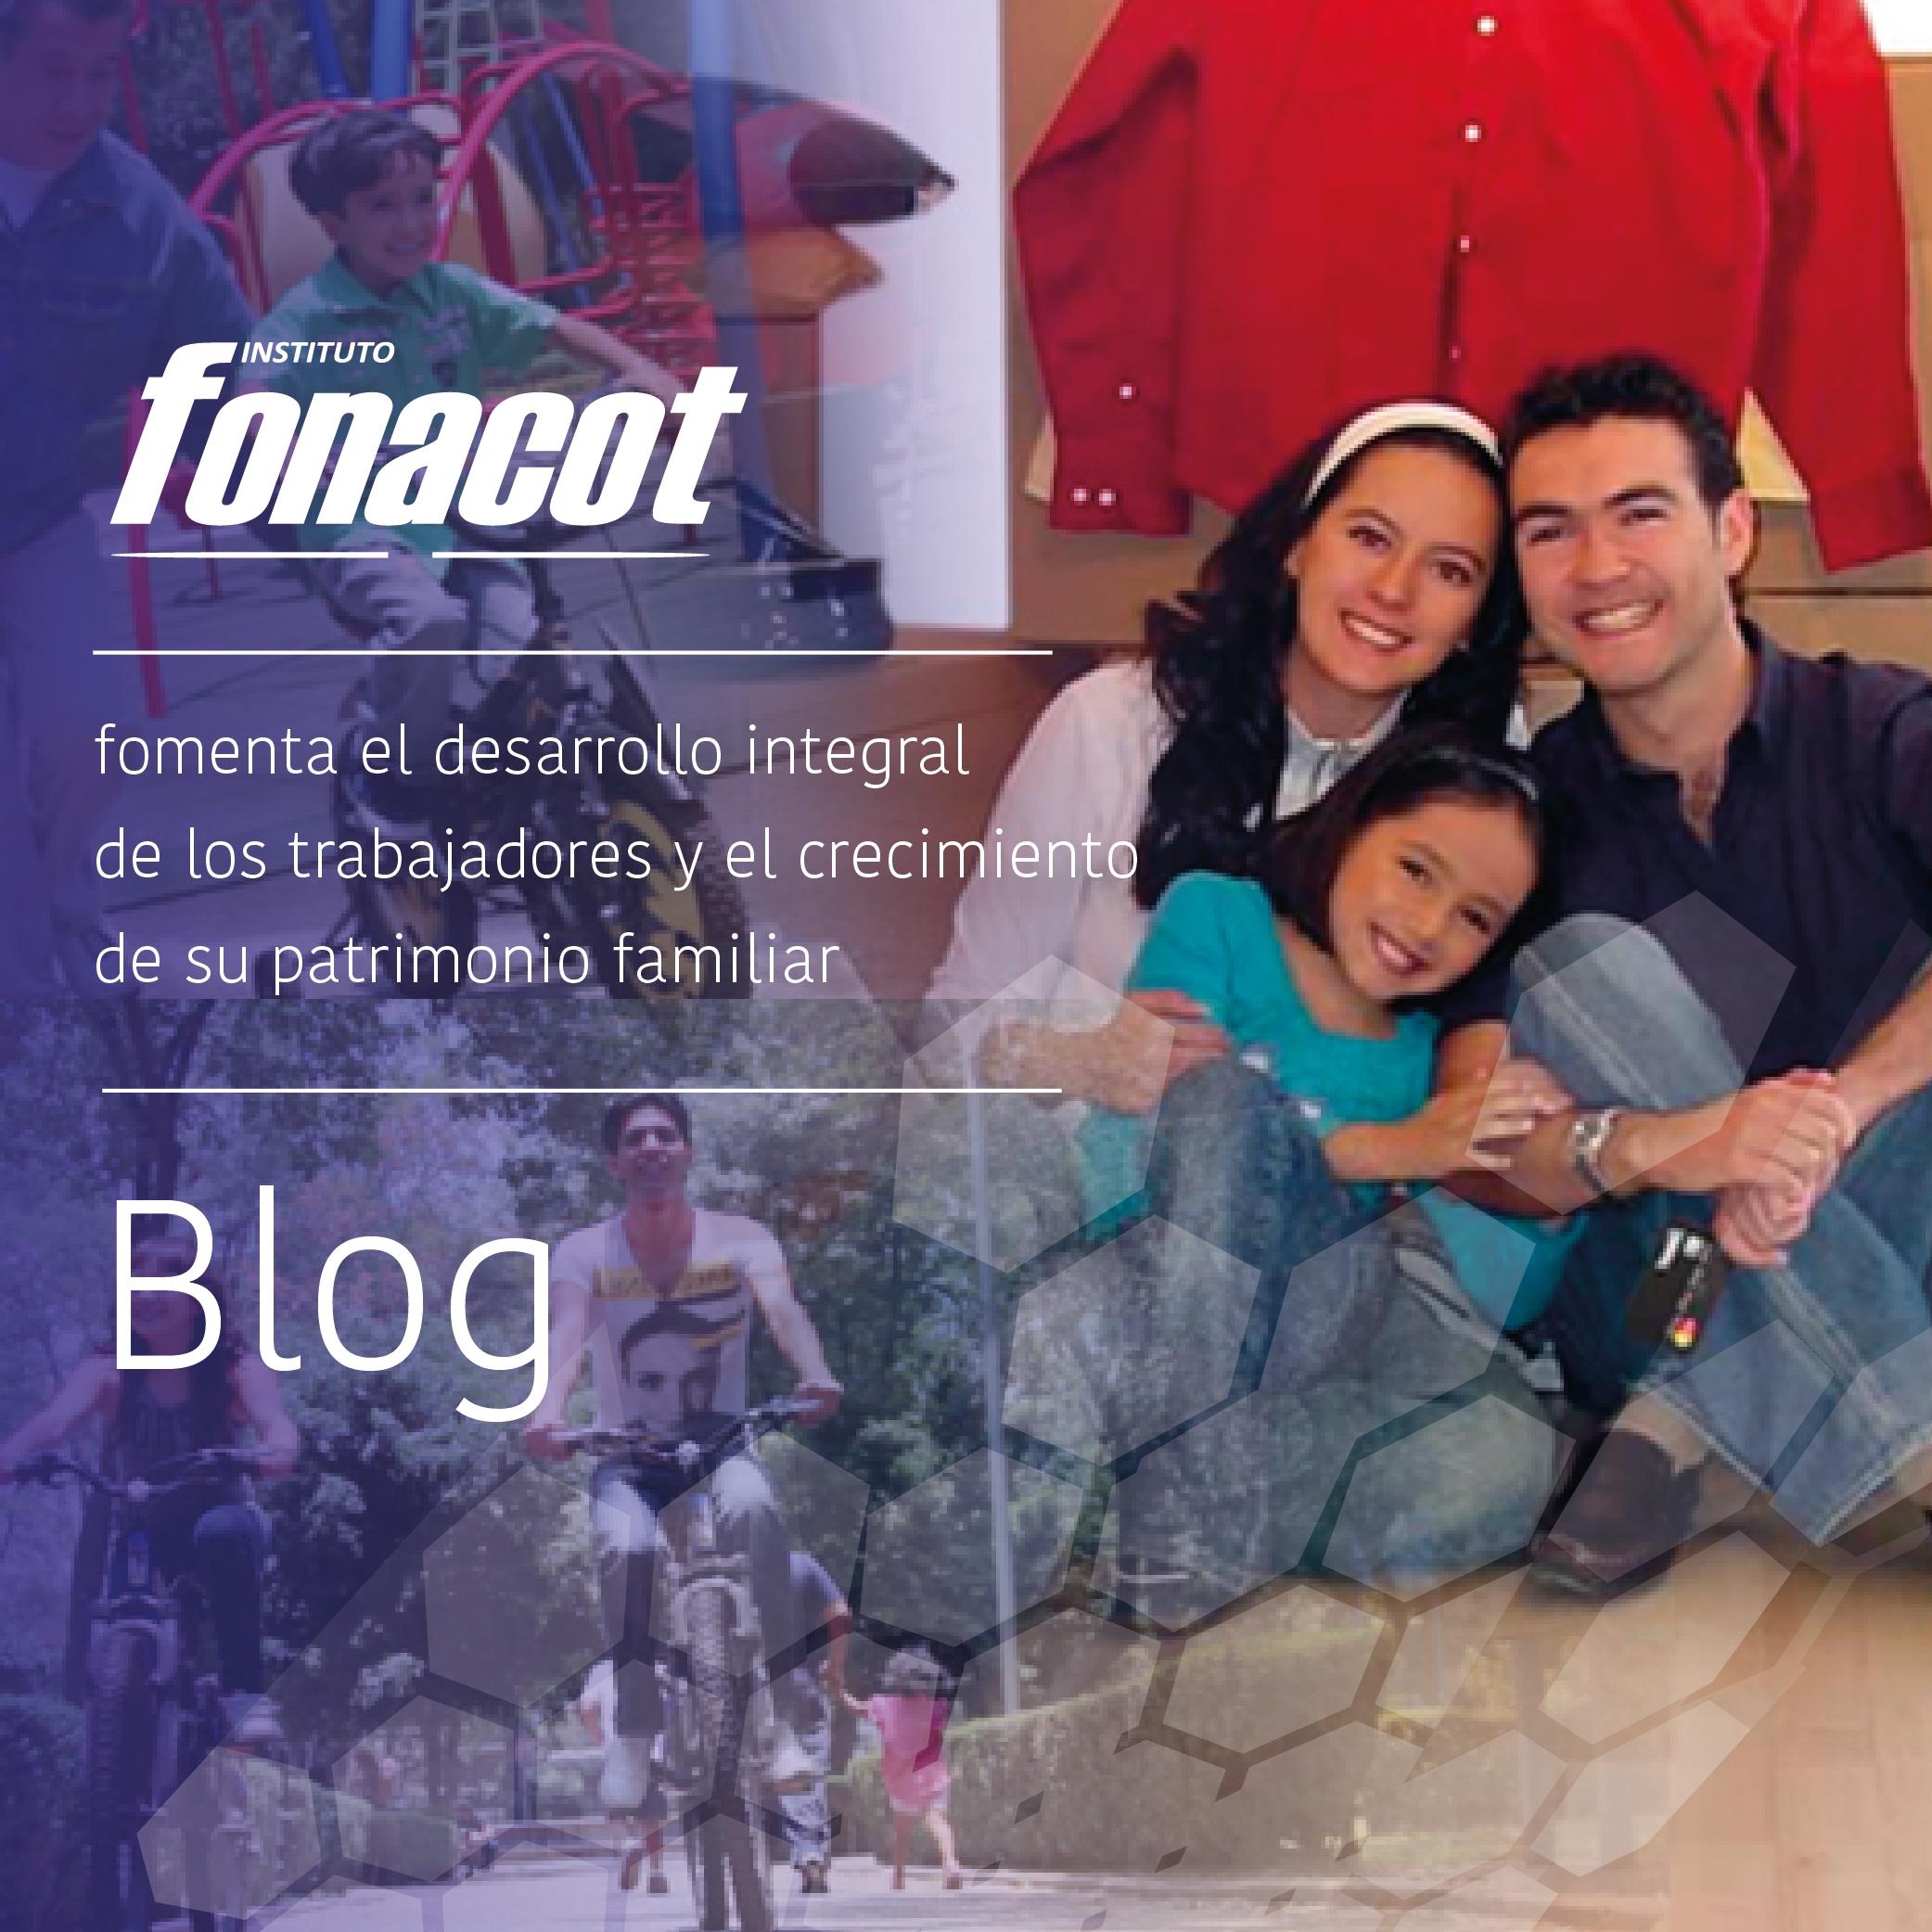 La imagen muestra una familia abrazada, sonriendo y unida, un niño  y un joven en bicicleta, promueve la unión familiar.